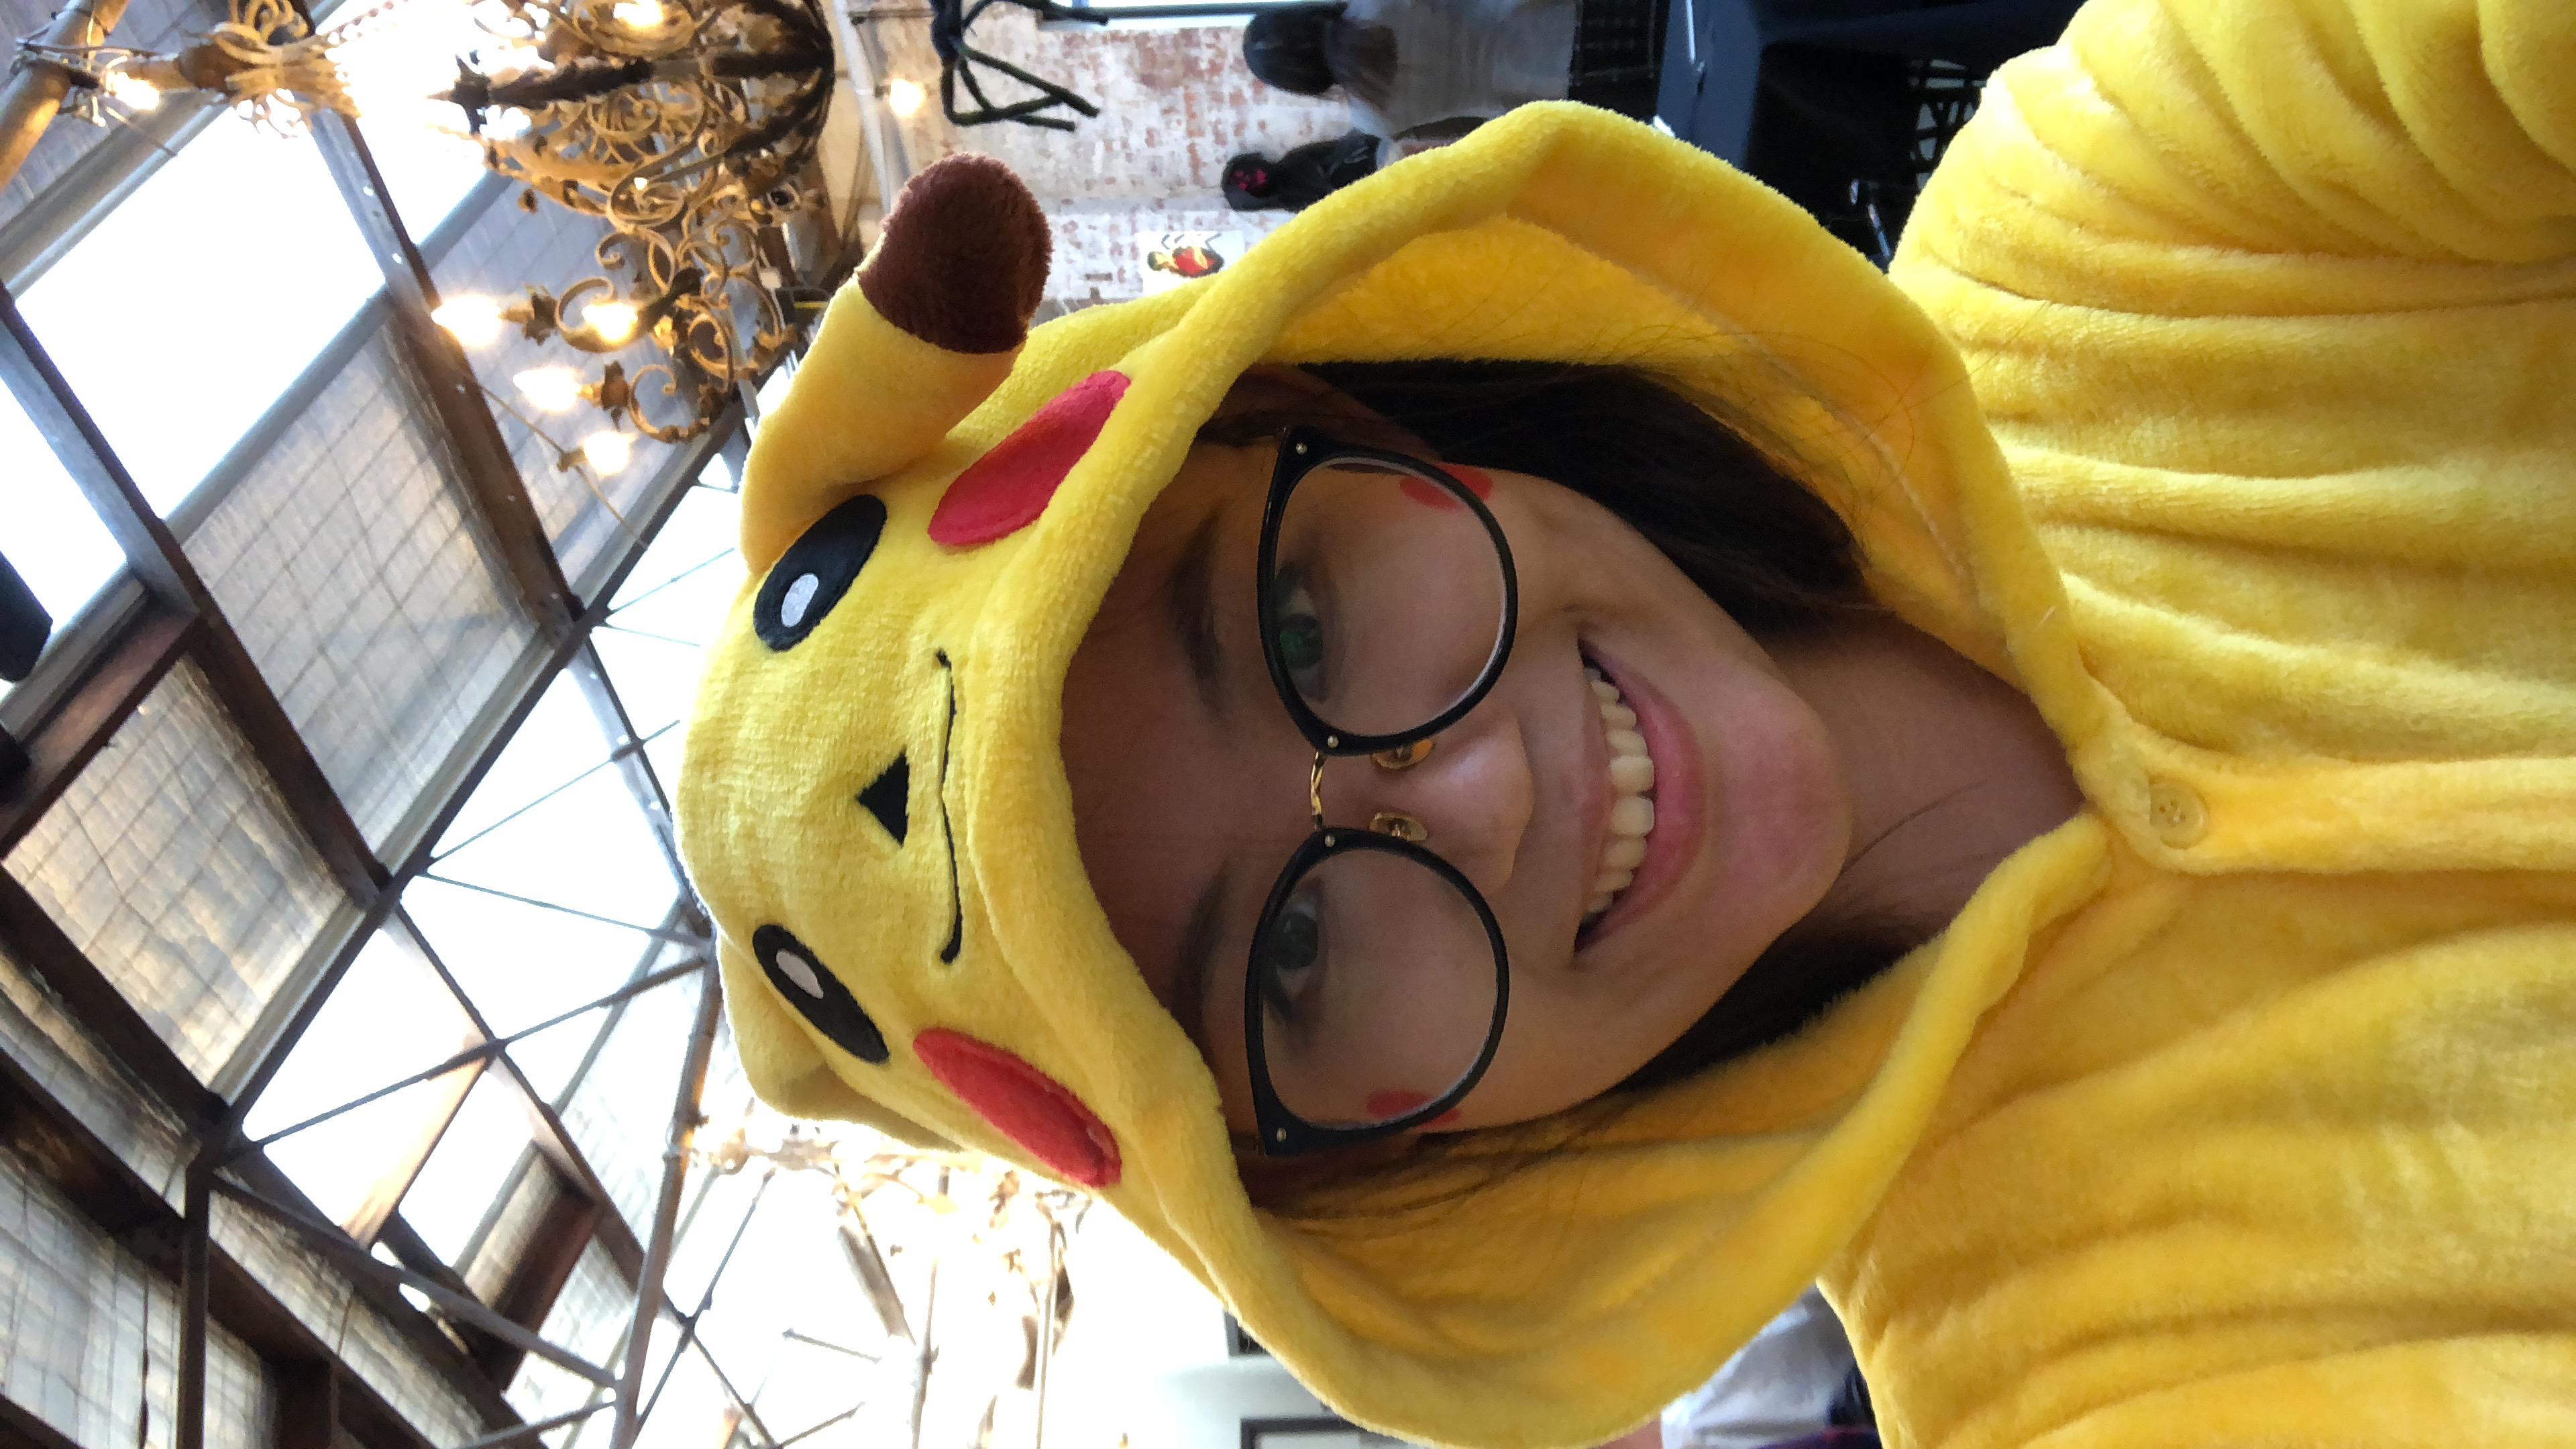 Adeline's profile picture